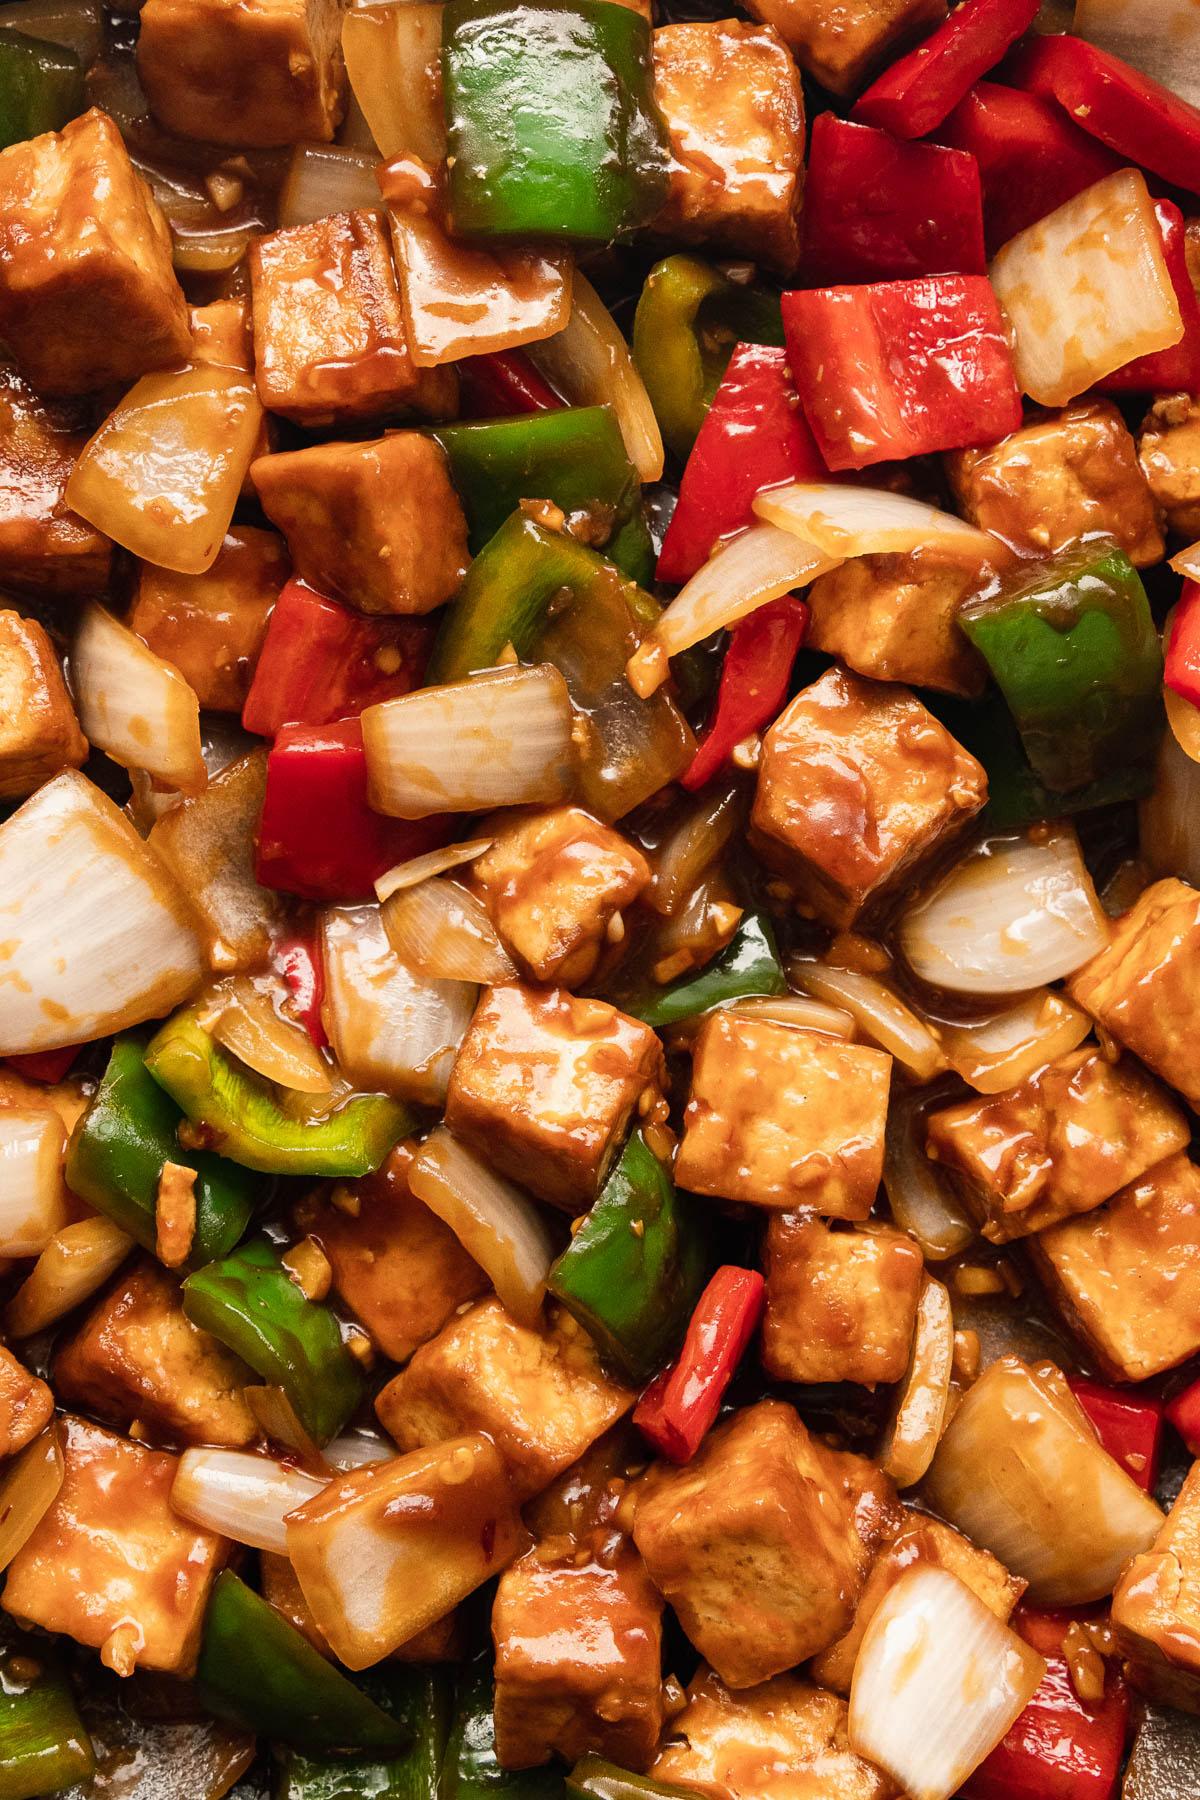 close up image of tofu with veggies